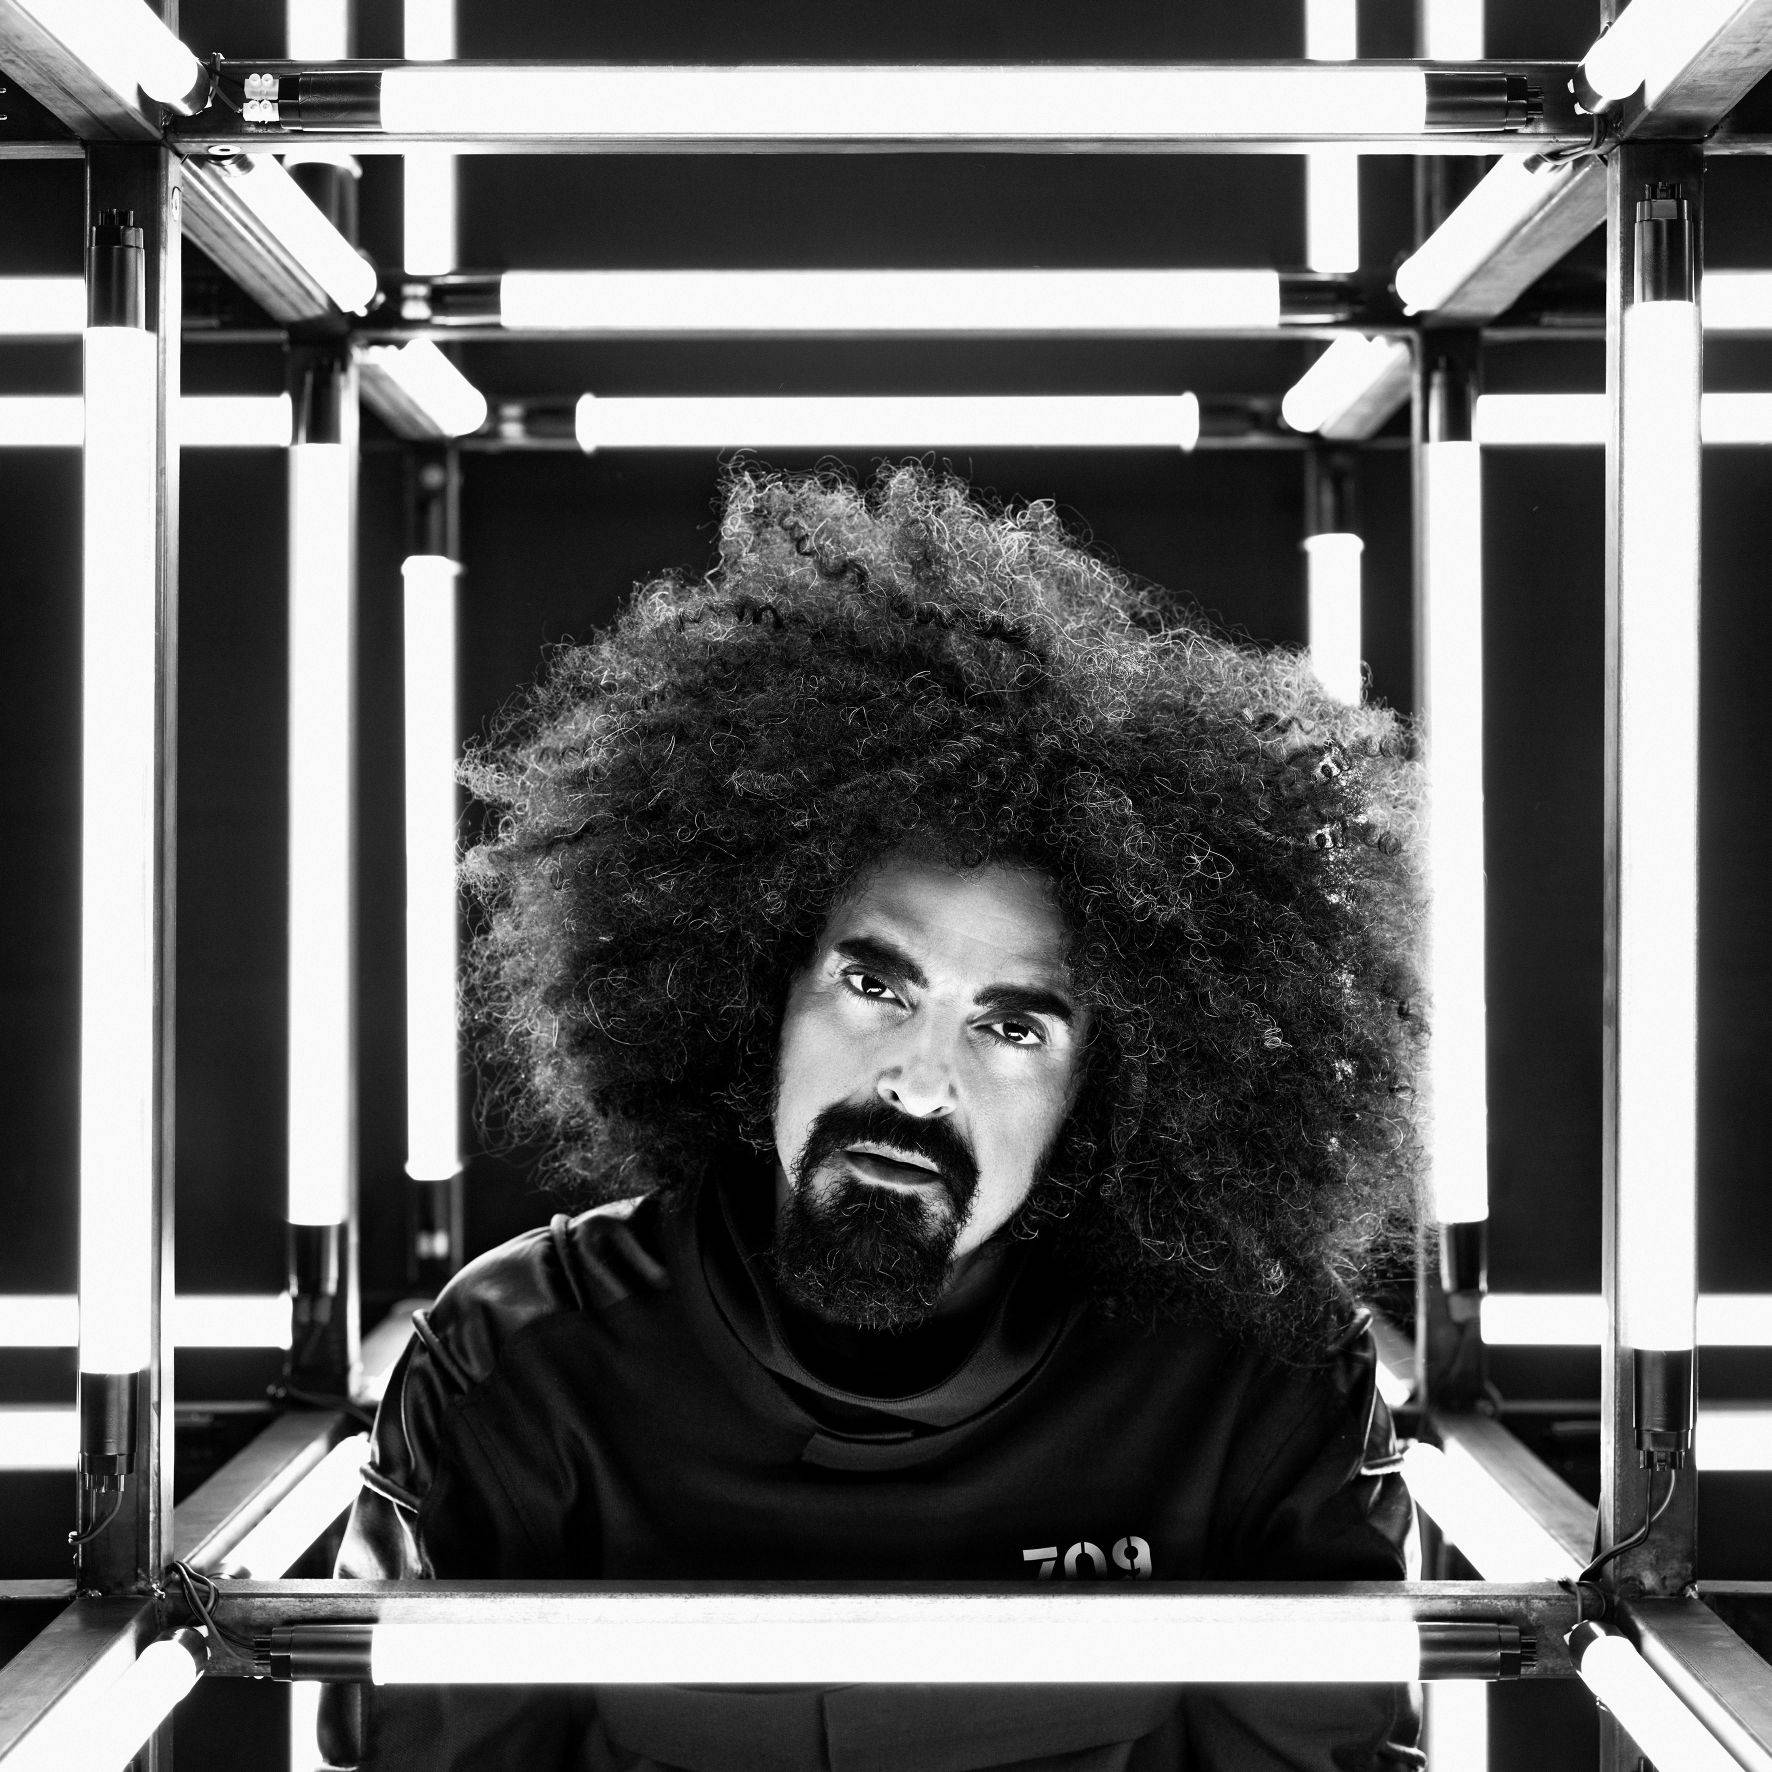 caparezza-album-prisoner-709